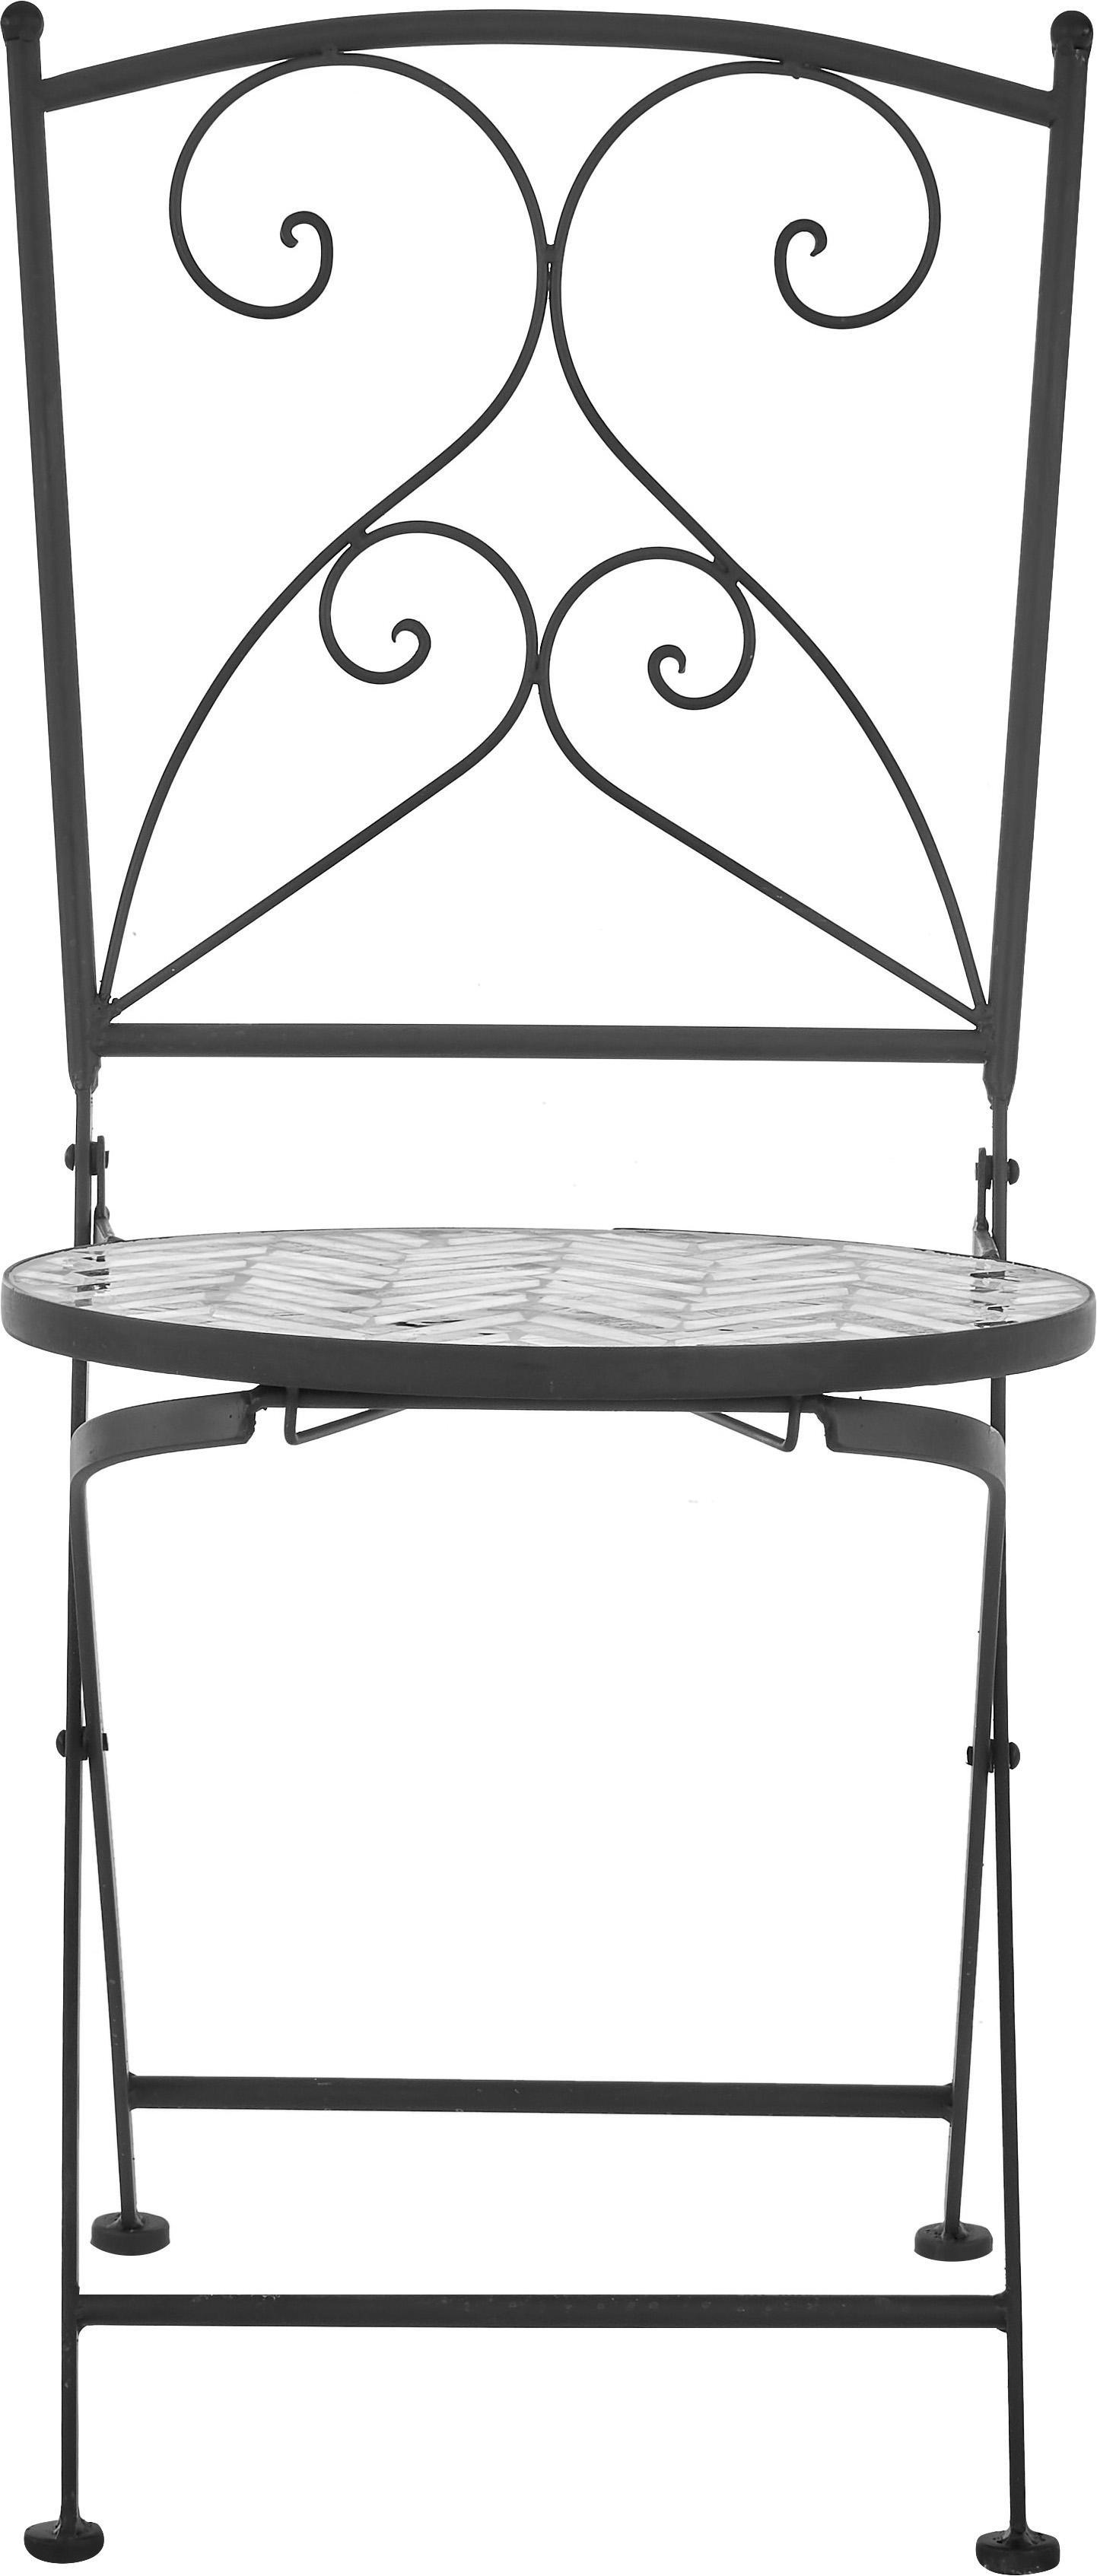 Balkonová židle smozaikou Verano, 2 ks, Šedá, bílá, černá